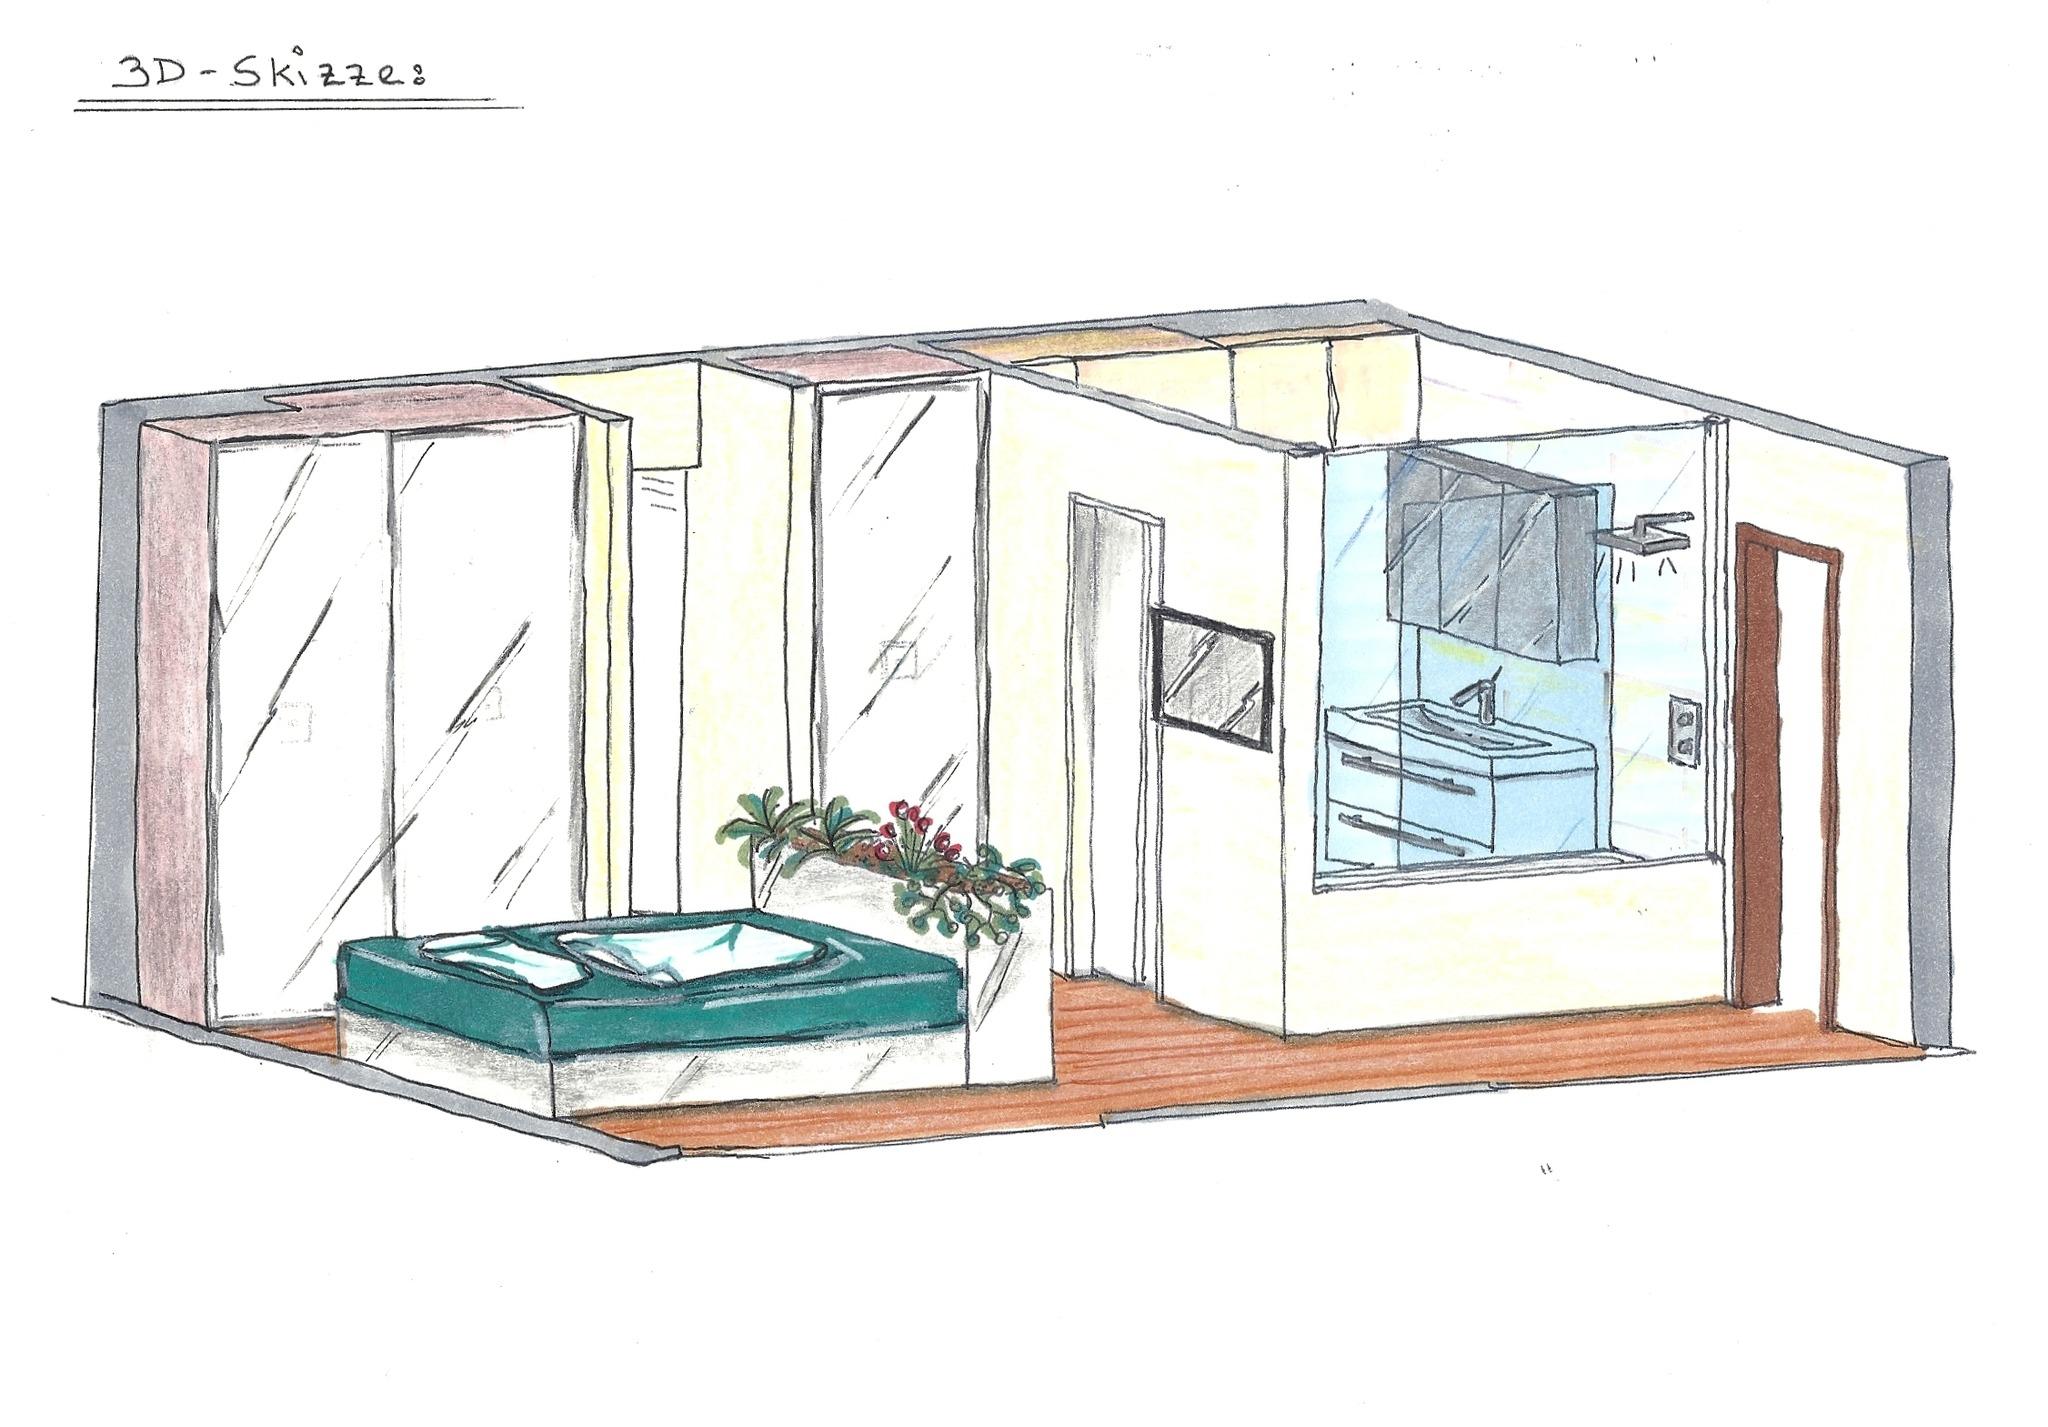 Ideen zur kombination schlafzimmer und badezimmer for Schlafzimmer kombination